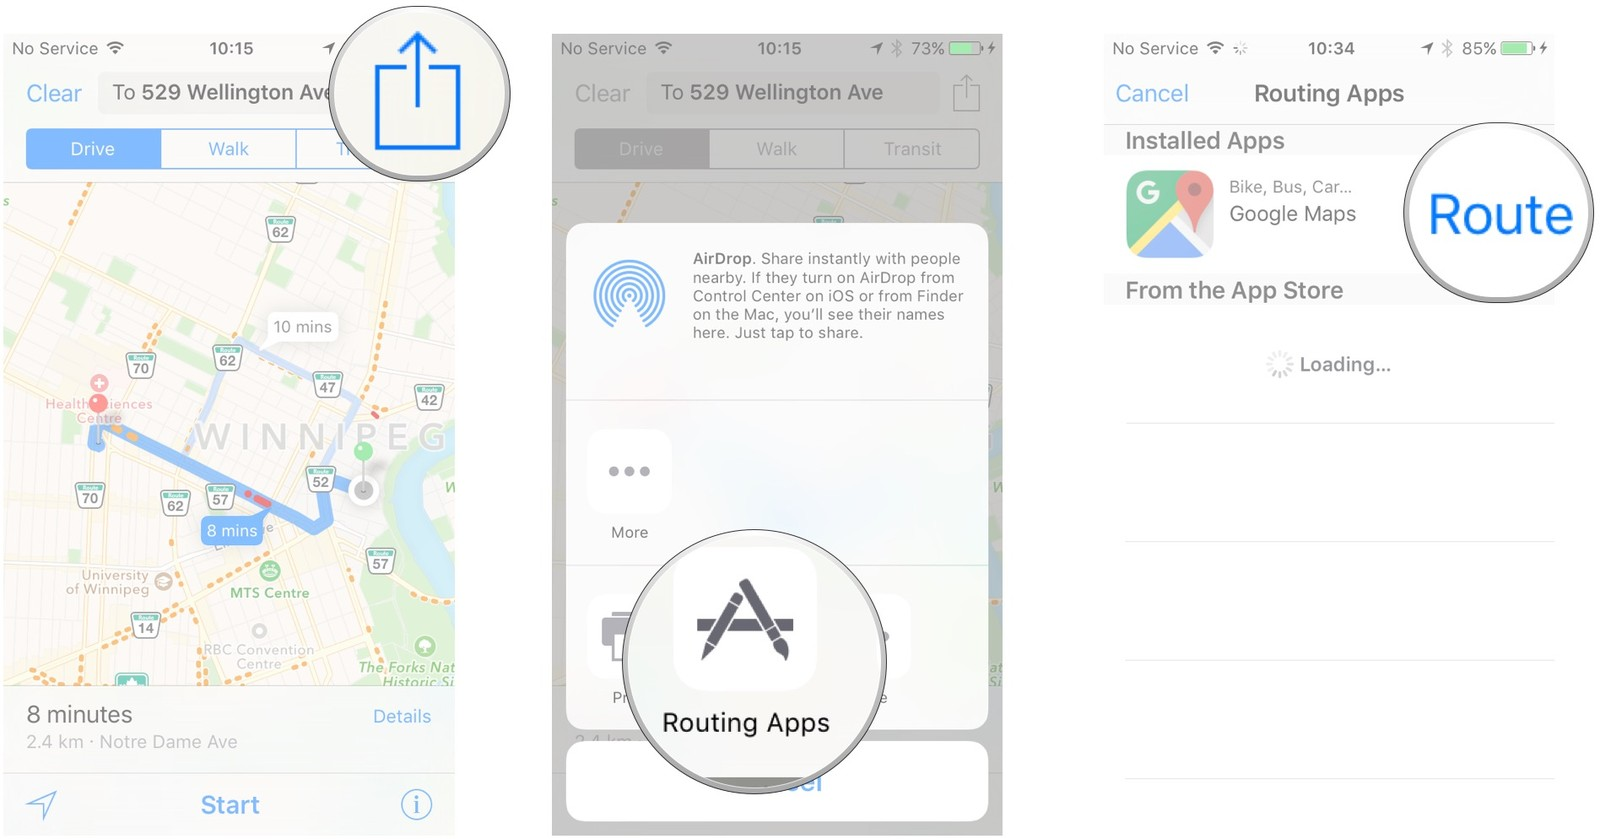 Как пользоваться Картами на iPhone и iPad - Создание маршрута в Гугл Картах